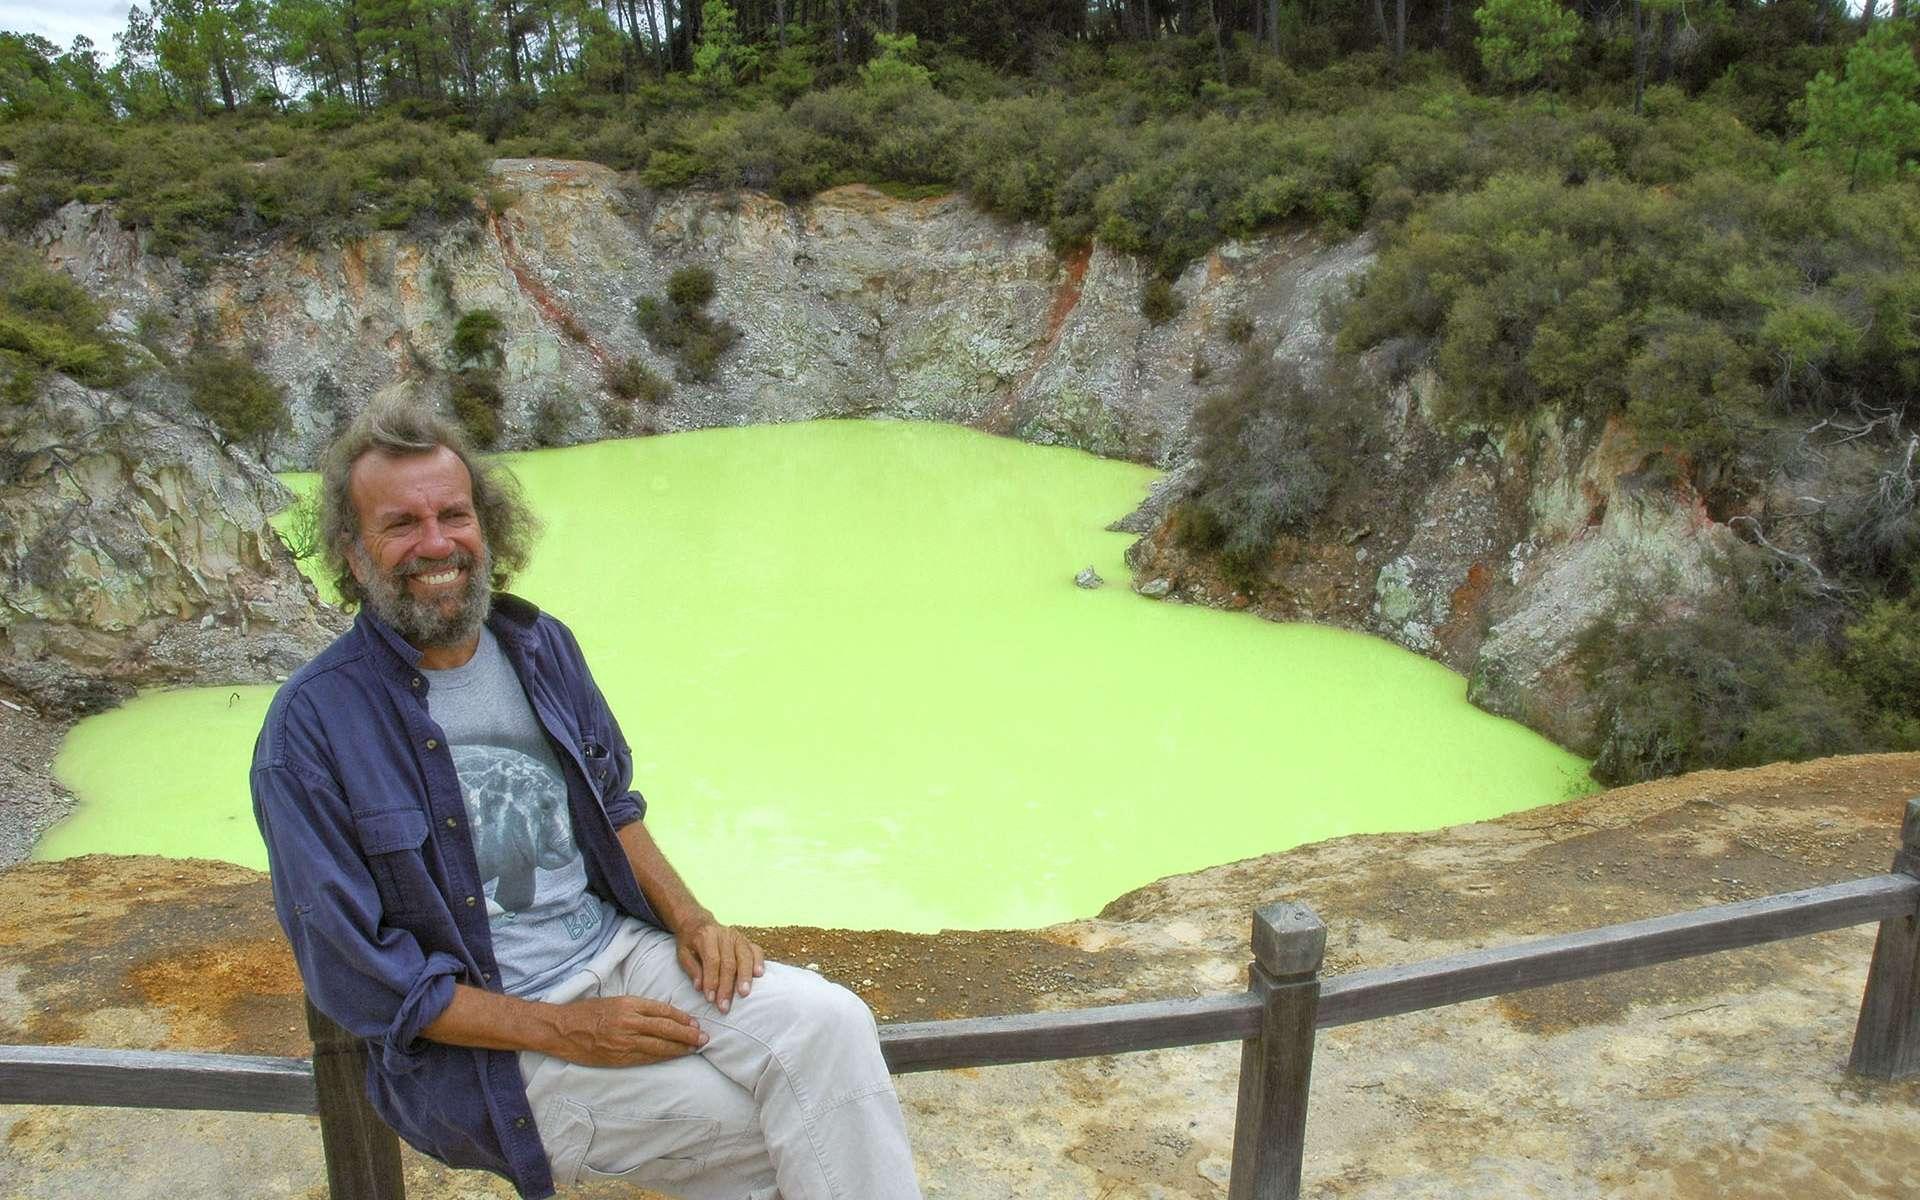 La Nouvelle Zélande est une terre de volcan. On en compte plus de 70 sur les deux îles, mais la région la plus active se concentre autour de Taupo, sur l'île du Nord. Célèbre pour son odeur de soufre et ses lacs aux couleurs vibrantes, la zone abrite le bain du Diable. Ce petit plan d'eau, derrière Antoine, porte très bien son nom puisque toute baignade est vivement déconseillée. En effet, sa couleur vert néon est due à une forte teneur en fer et en sulfur. Il se murmure que ces eaux sont assez acides pour ronger la peau de ceux qui oseraient y plonger. © Antoine, tous droits réservés